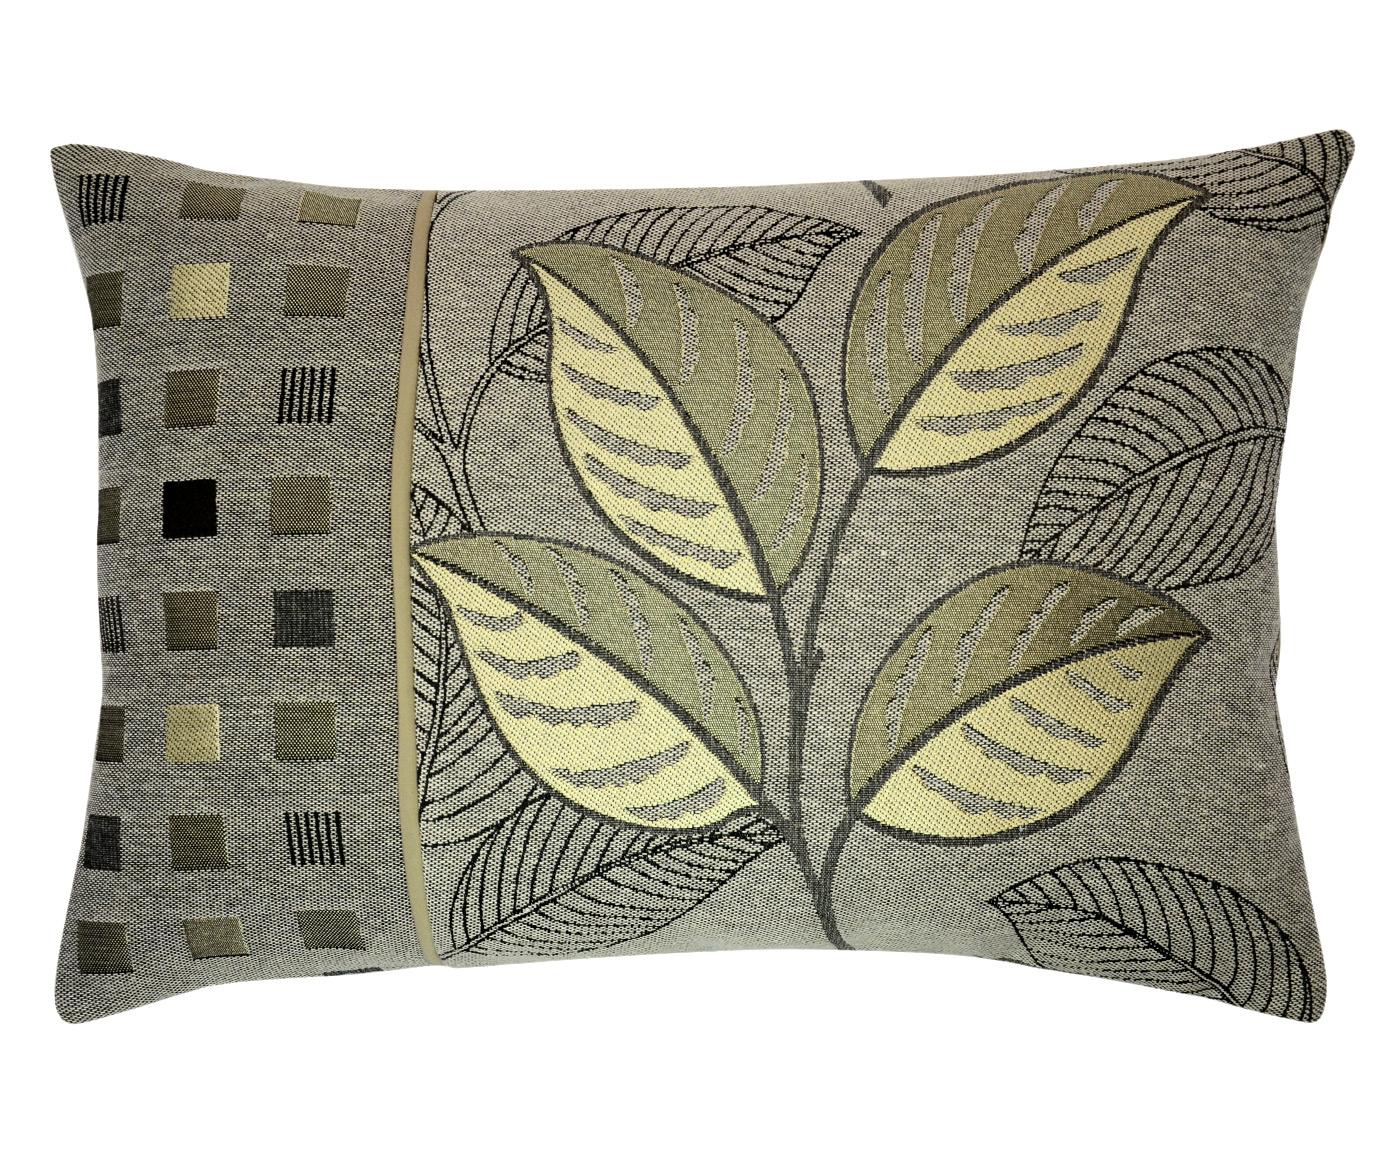 Комплект подушек Season Beige (2шт)Квадратные подушки и наволочки<br>Комплект декоративных  подушек. Чехол съемный.<br><br>Material: Вискоза<br>Length см: 35<br>Width см: 50<br>Depth см: 15